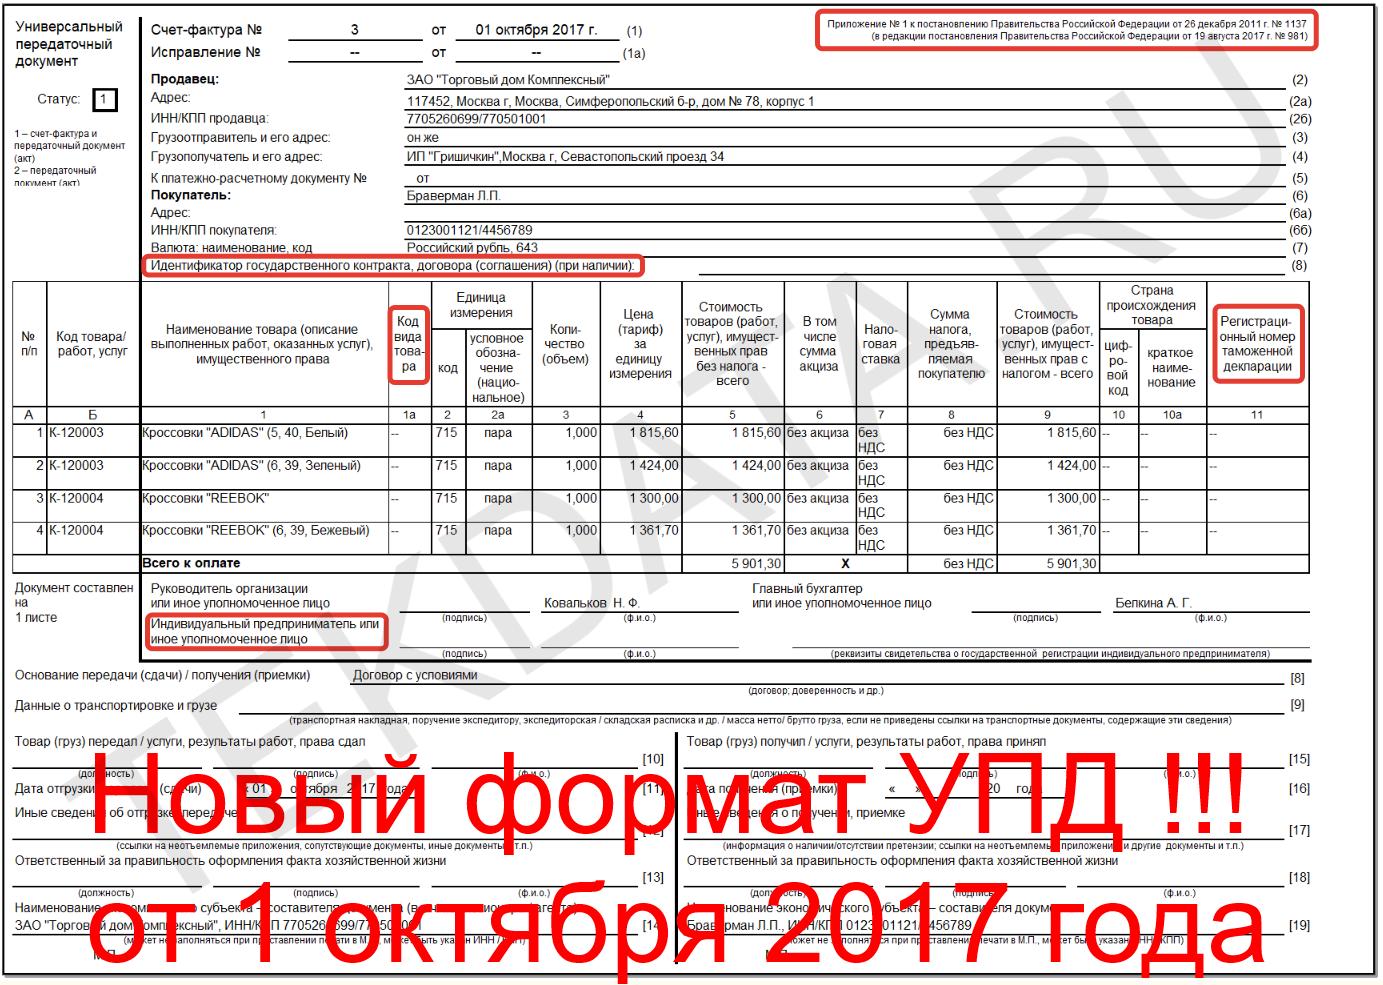 УПД для 1С УПП 1.3 (НОВЫЙ ФОРМАТ ⚑ от 1-го Октября 2017!) (Внешняя печатная форма)